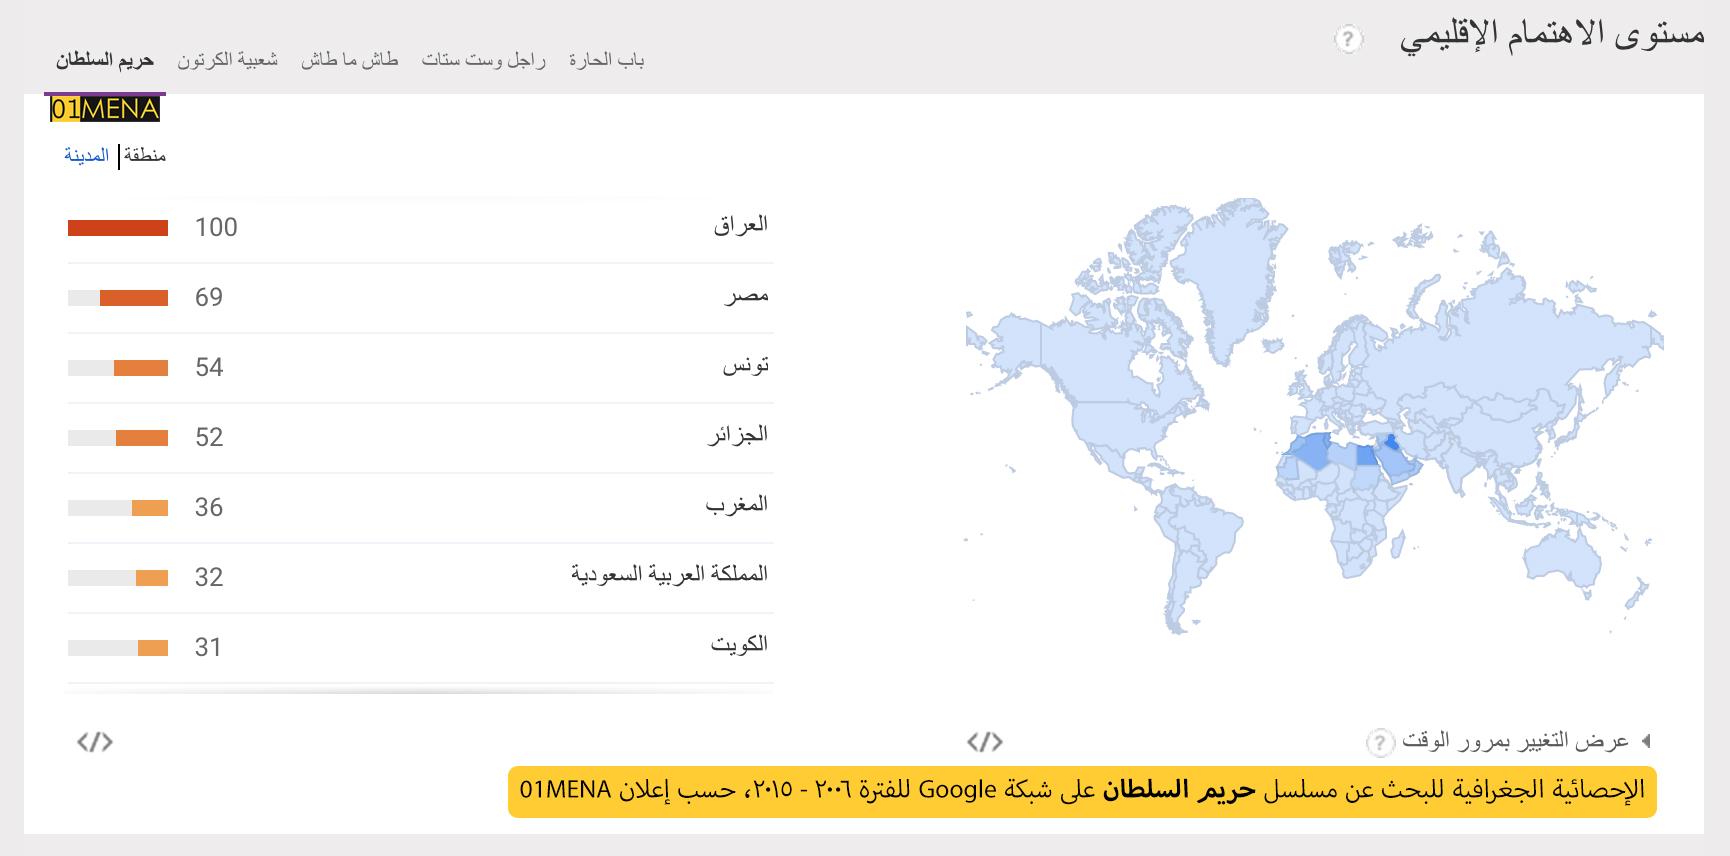 حريم السلطان أهم مسلسل تركي